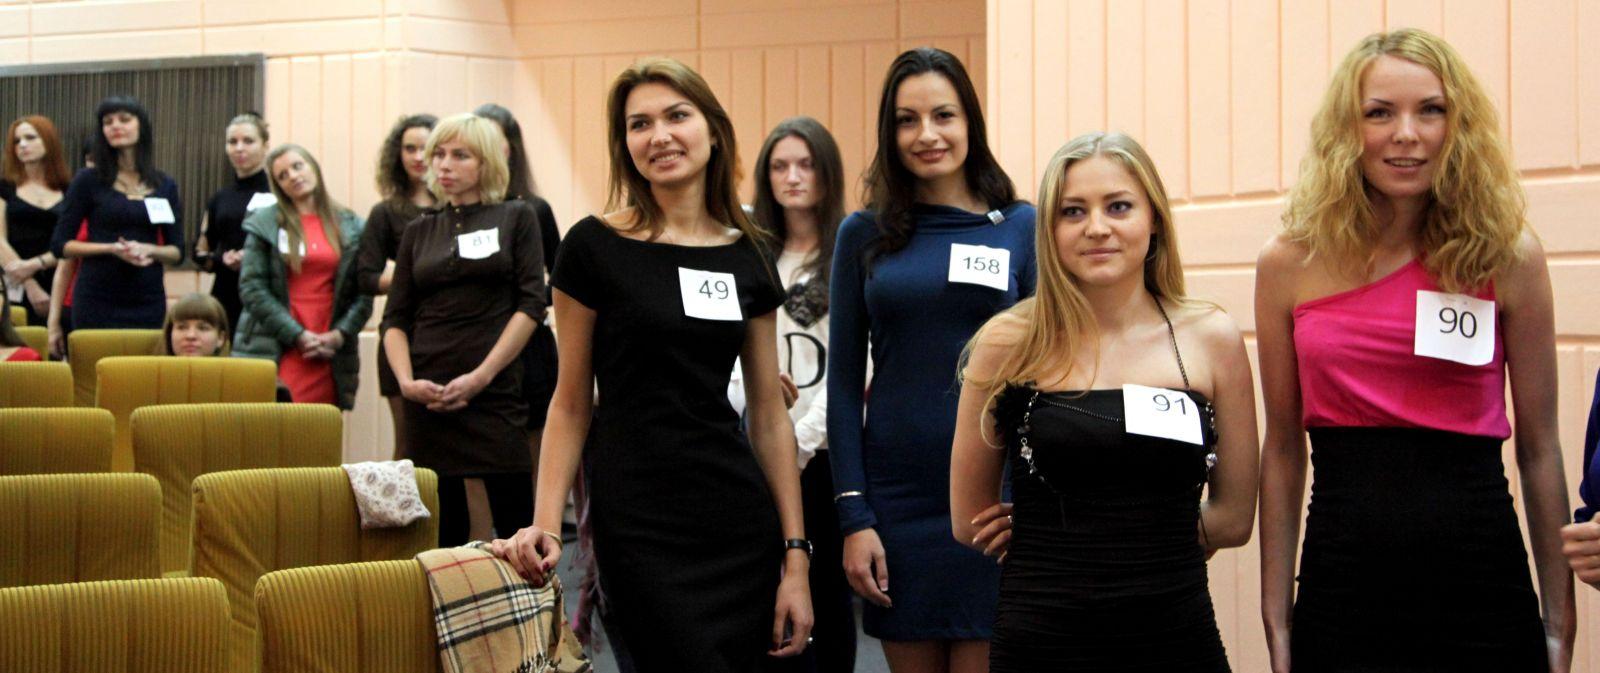 Русский кастинг смотреть онлайн, Русский порно кастинг подборка видео на 28 фотография